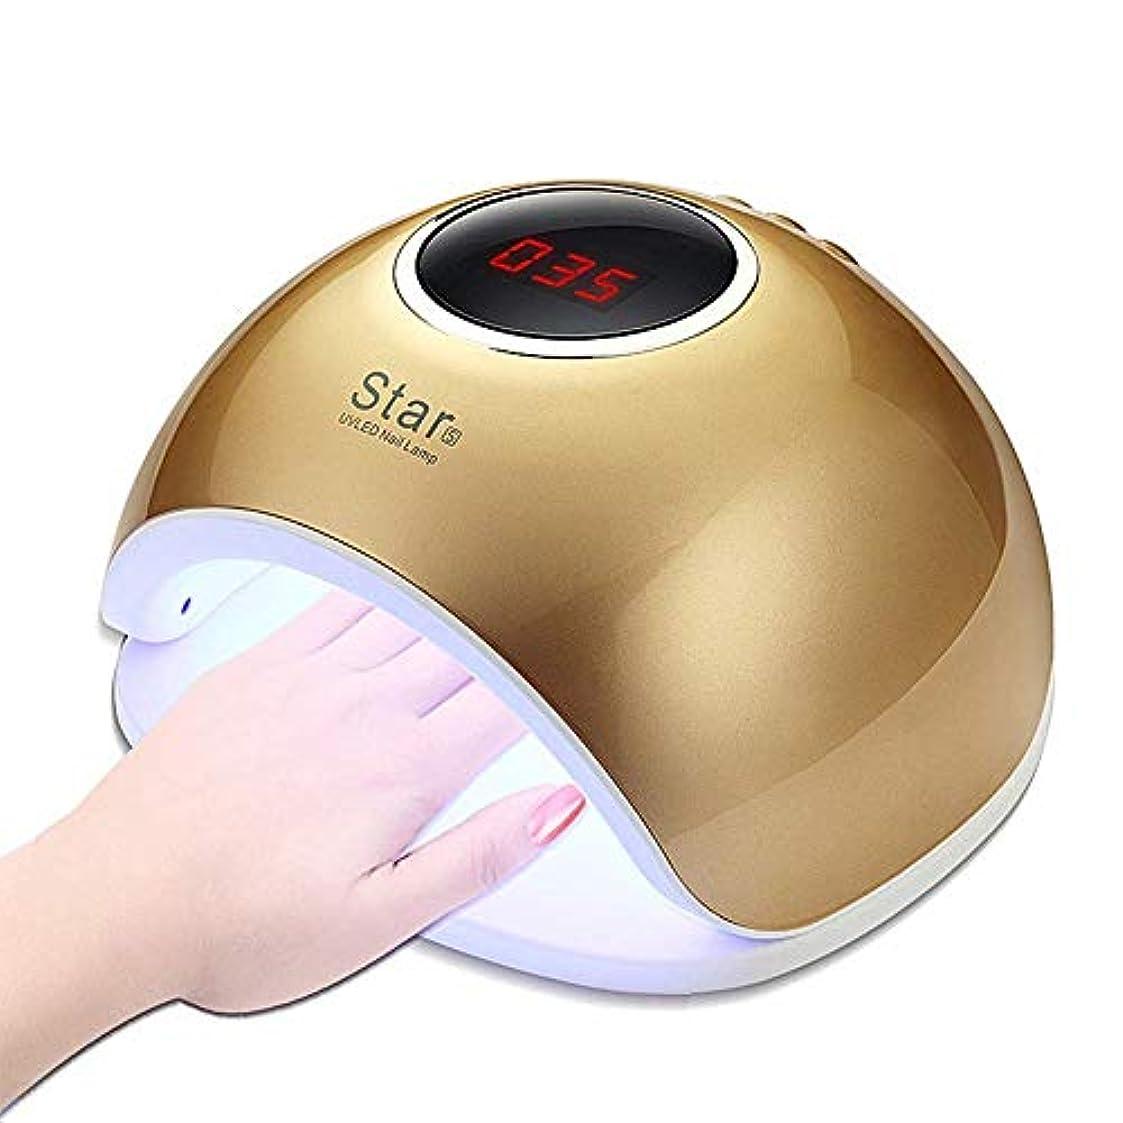 メニュー雑多な主婦LEDネイルランプ、72Wプロフェッショナルスマートセンサー速乾性痛みのないモードUVネイルドライヤー33ダブル光源ビーズ、4タイマー設定